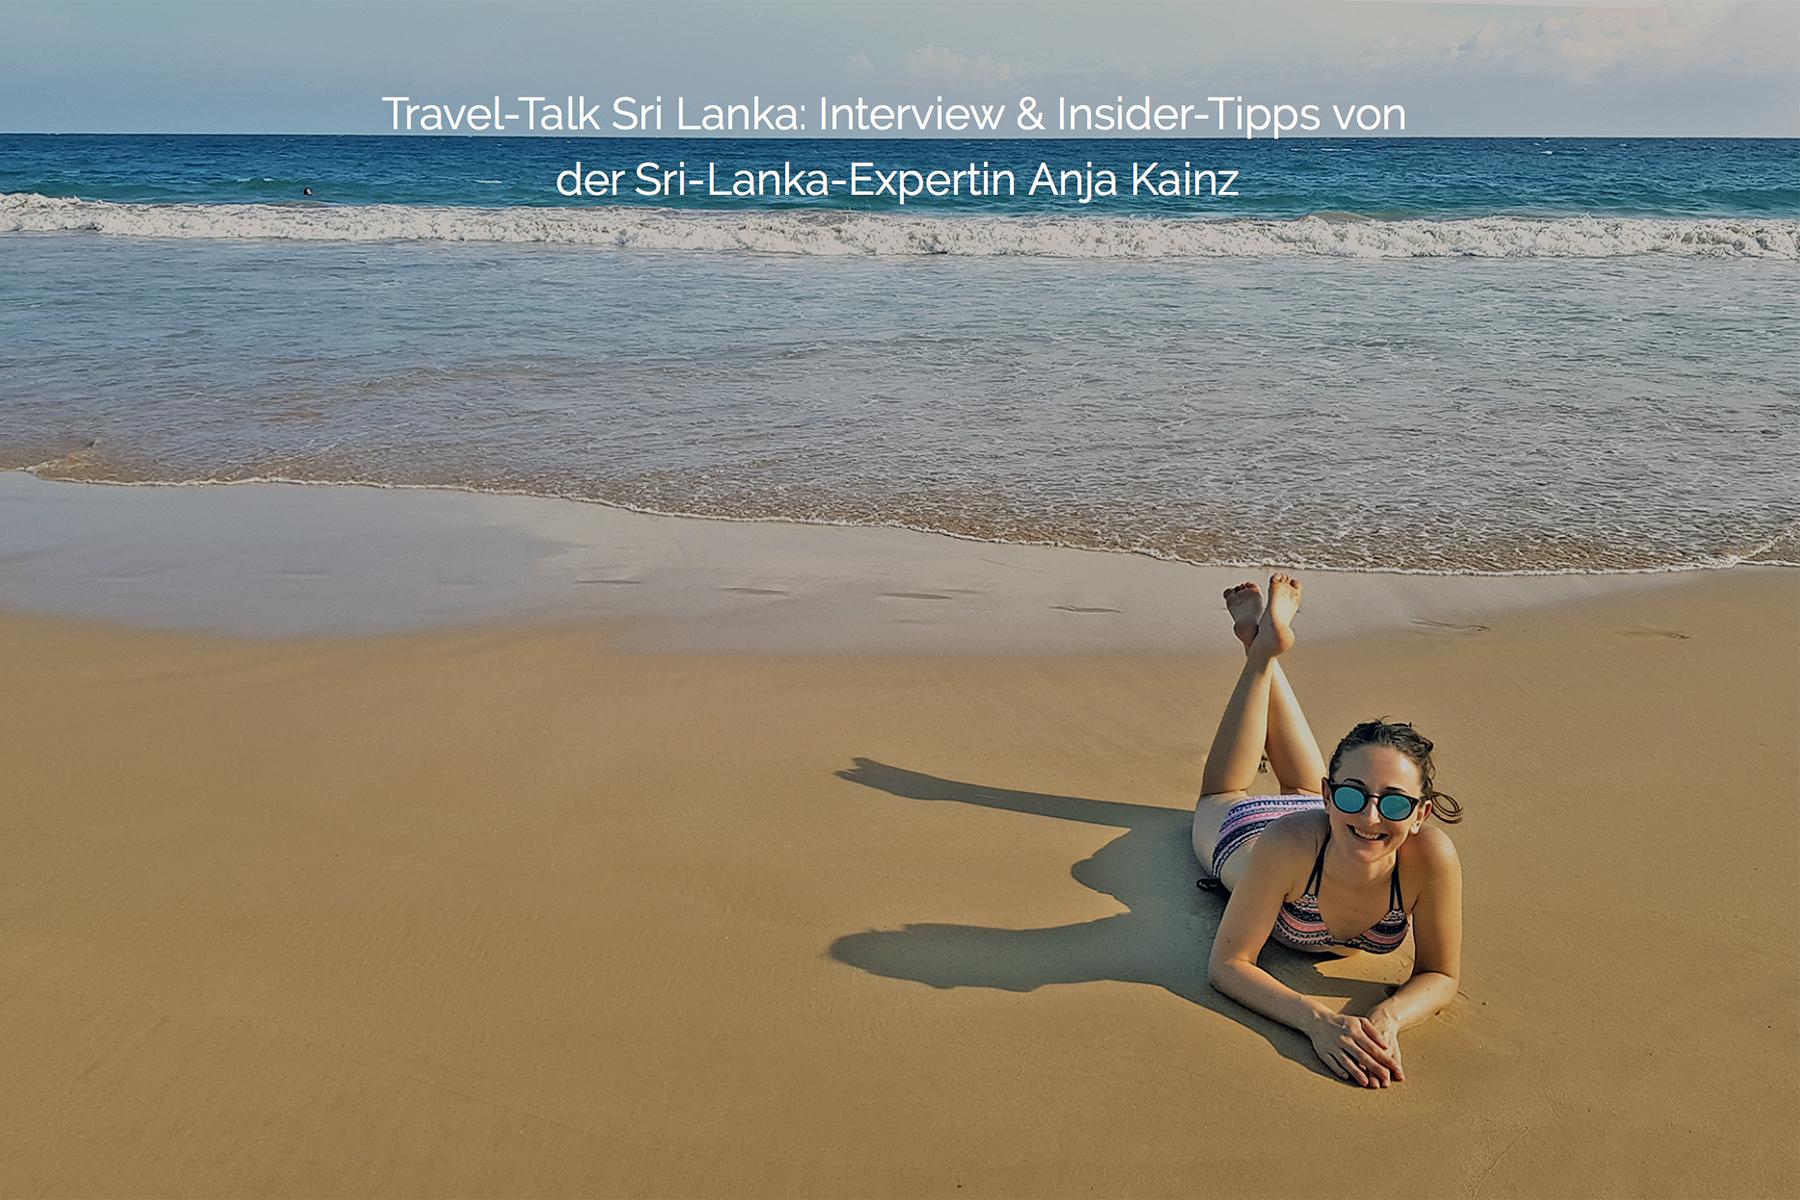 Reise-Special Sri Lanka: Urlaubs-Guide für den nächsten Trip nach Sri Lanka